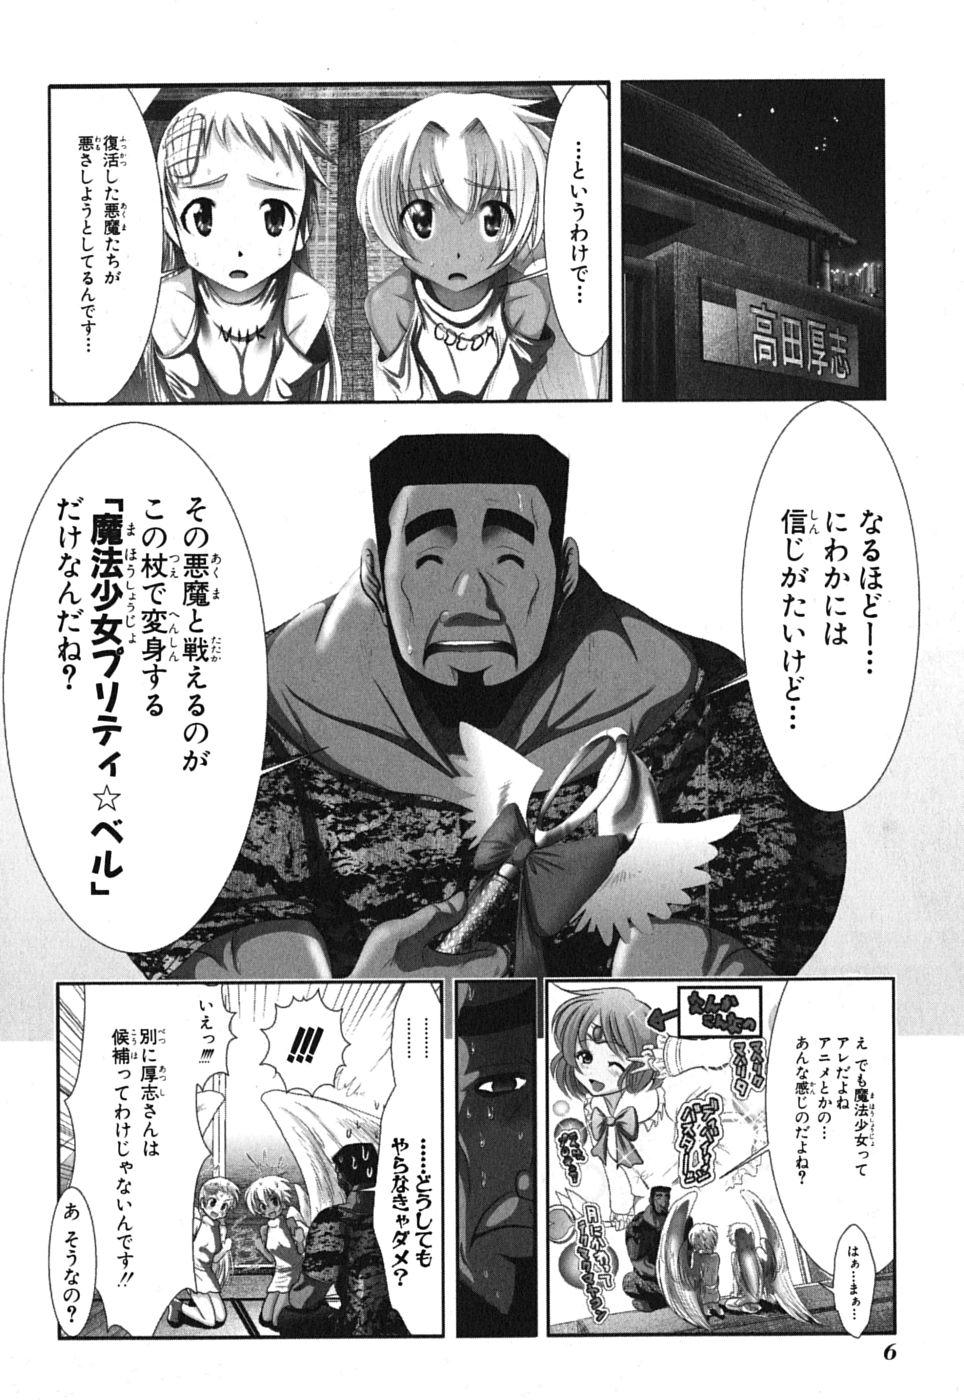 bell_01_0006.jpg